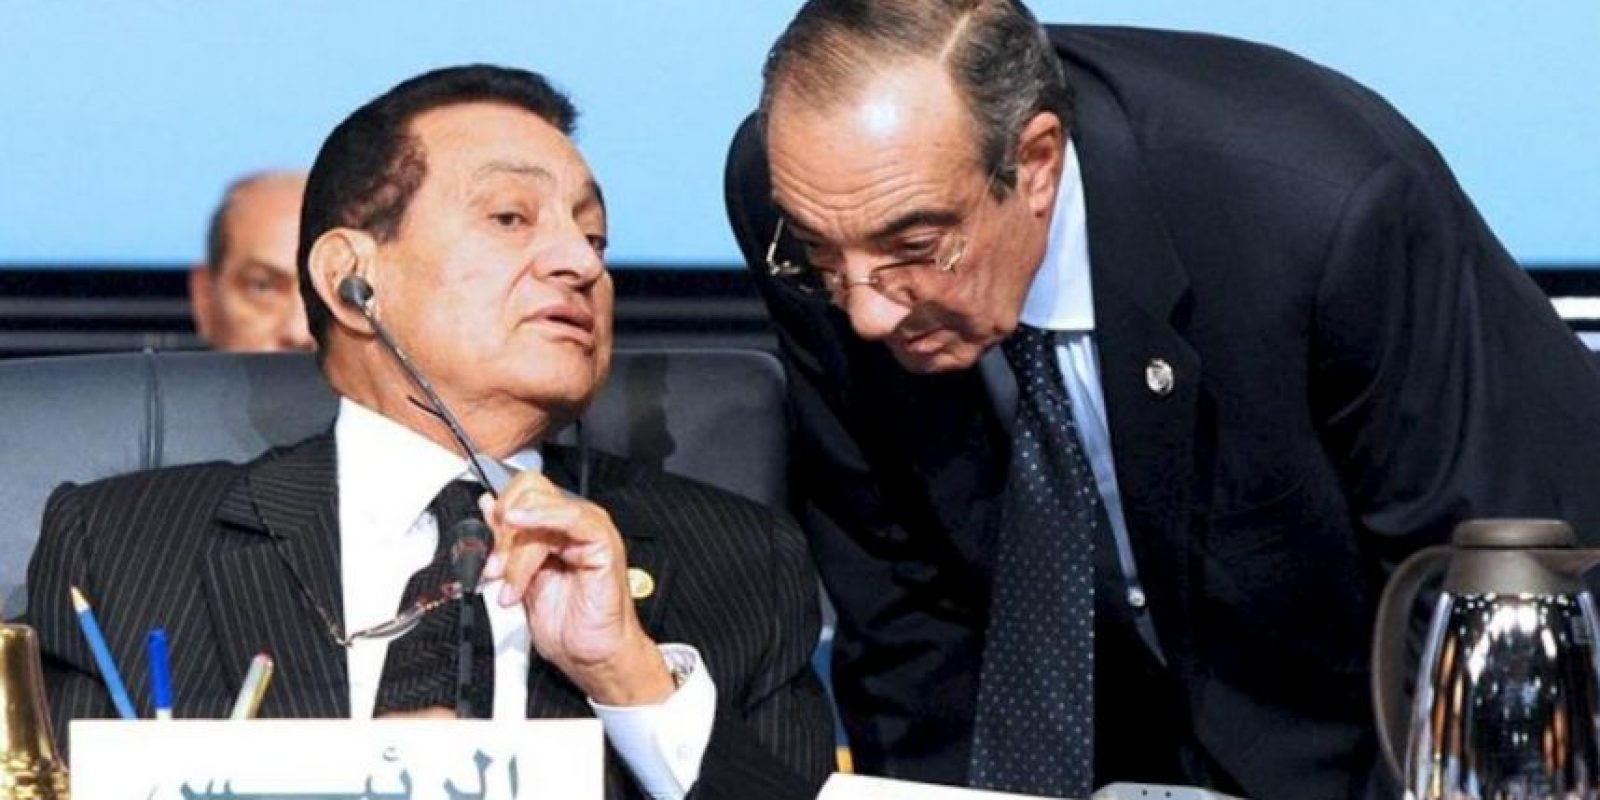 Imagen de archivo tomada el 19 de enero de 2011 del ex presidente egipcio Hosni Mubarak (i) conversando con el jefe del gabinete presidencial, Zakaria Azmi, (d), durante una cumbre en el resort Mar Rojo de Sharm el-Sheikh, Egipto. EFE/Archivo